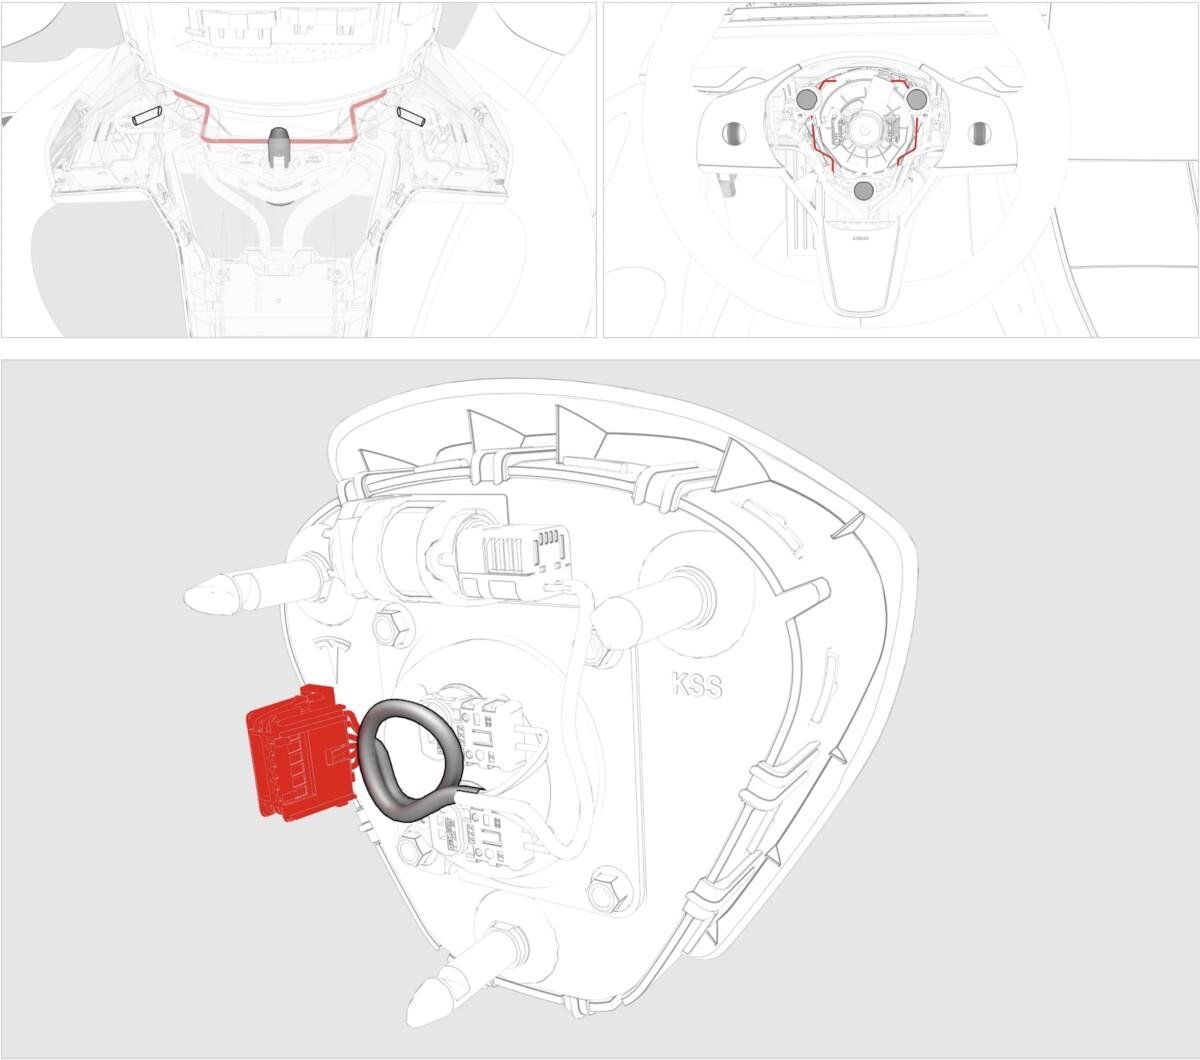 La procédure pour enlever l'Airbag sur une Tesla Model 3